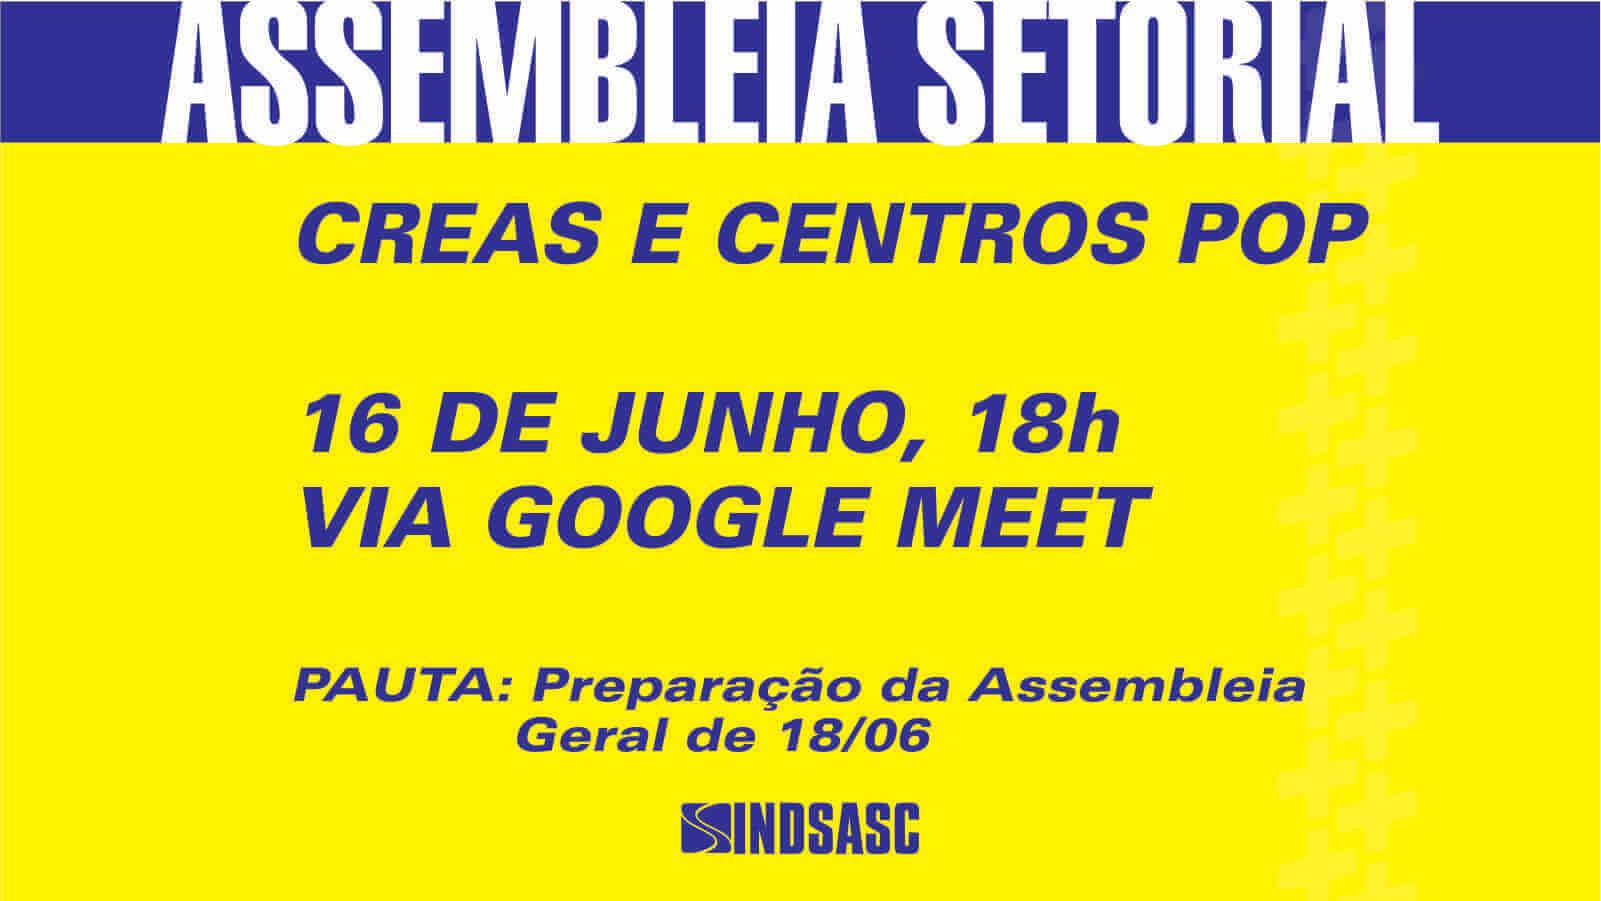 ASSEMBLEIA SETORIAL - CREAS e CENTROS-POP